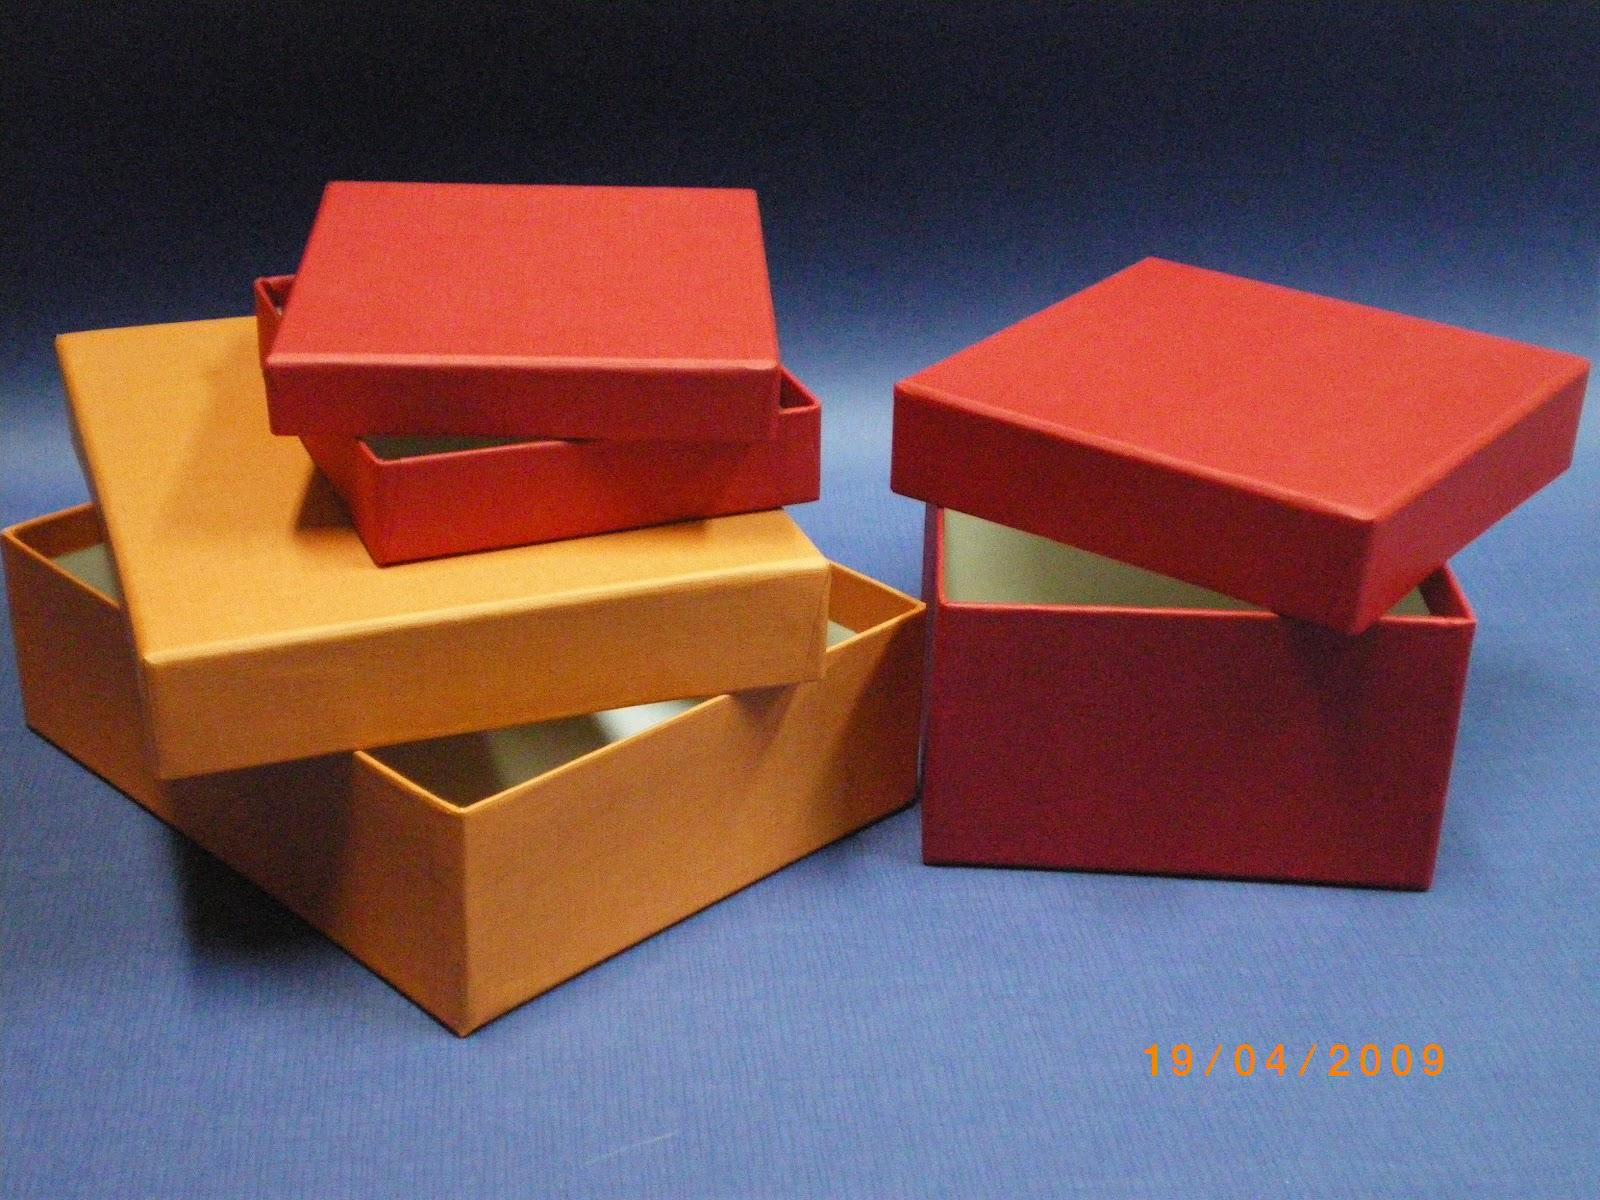 Cajas de carton para regalos imagui for Cajas de regalo de carton